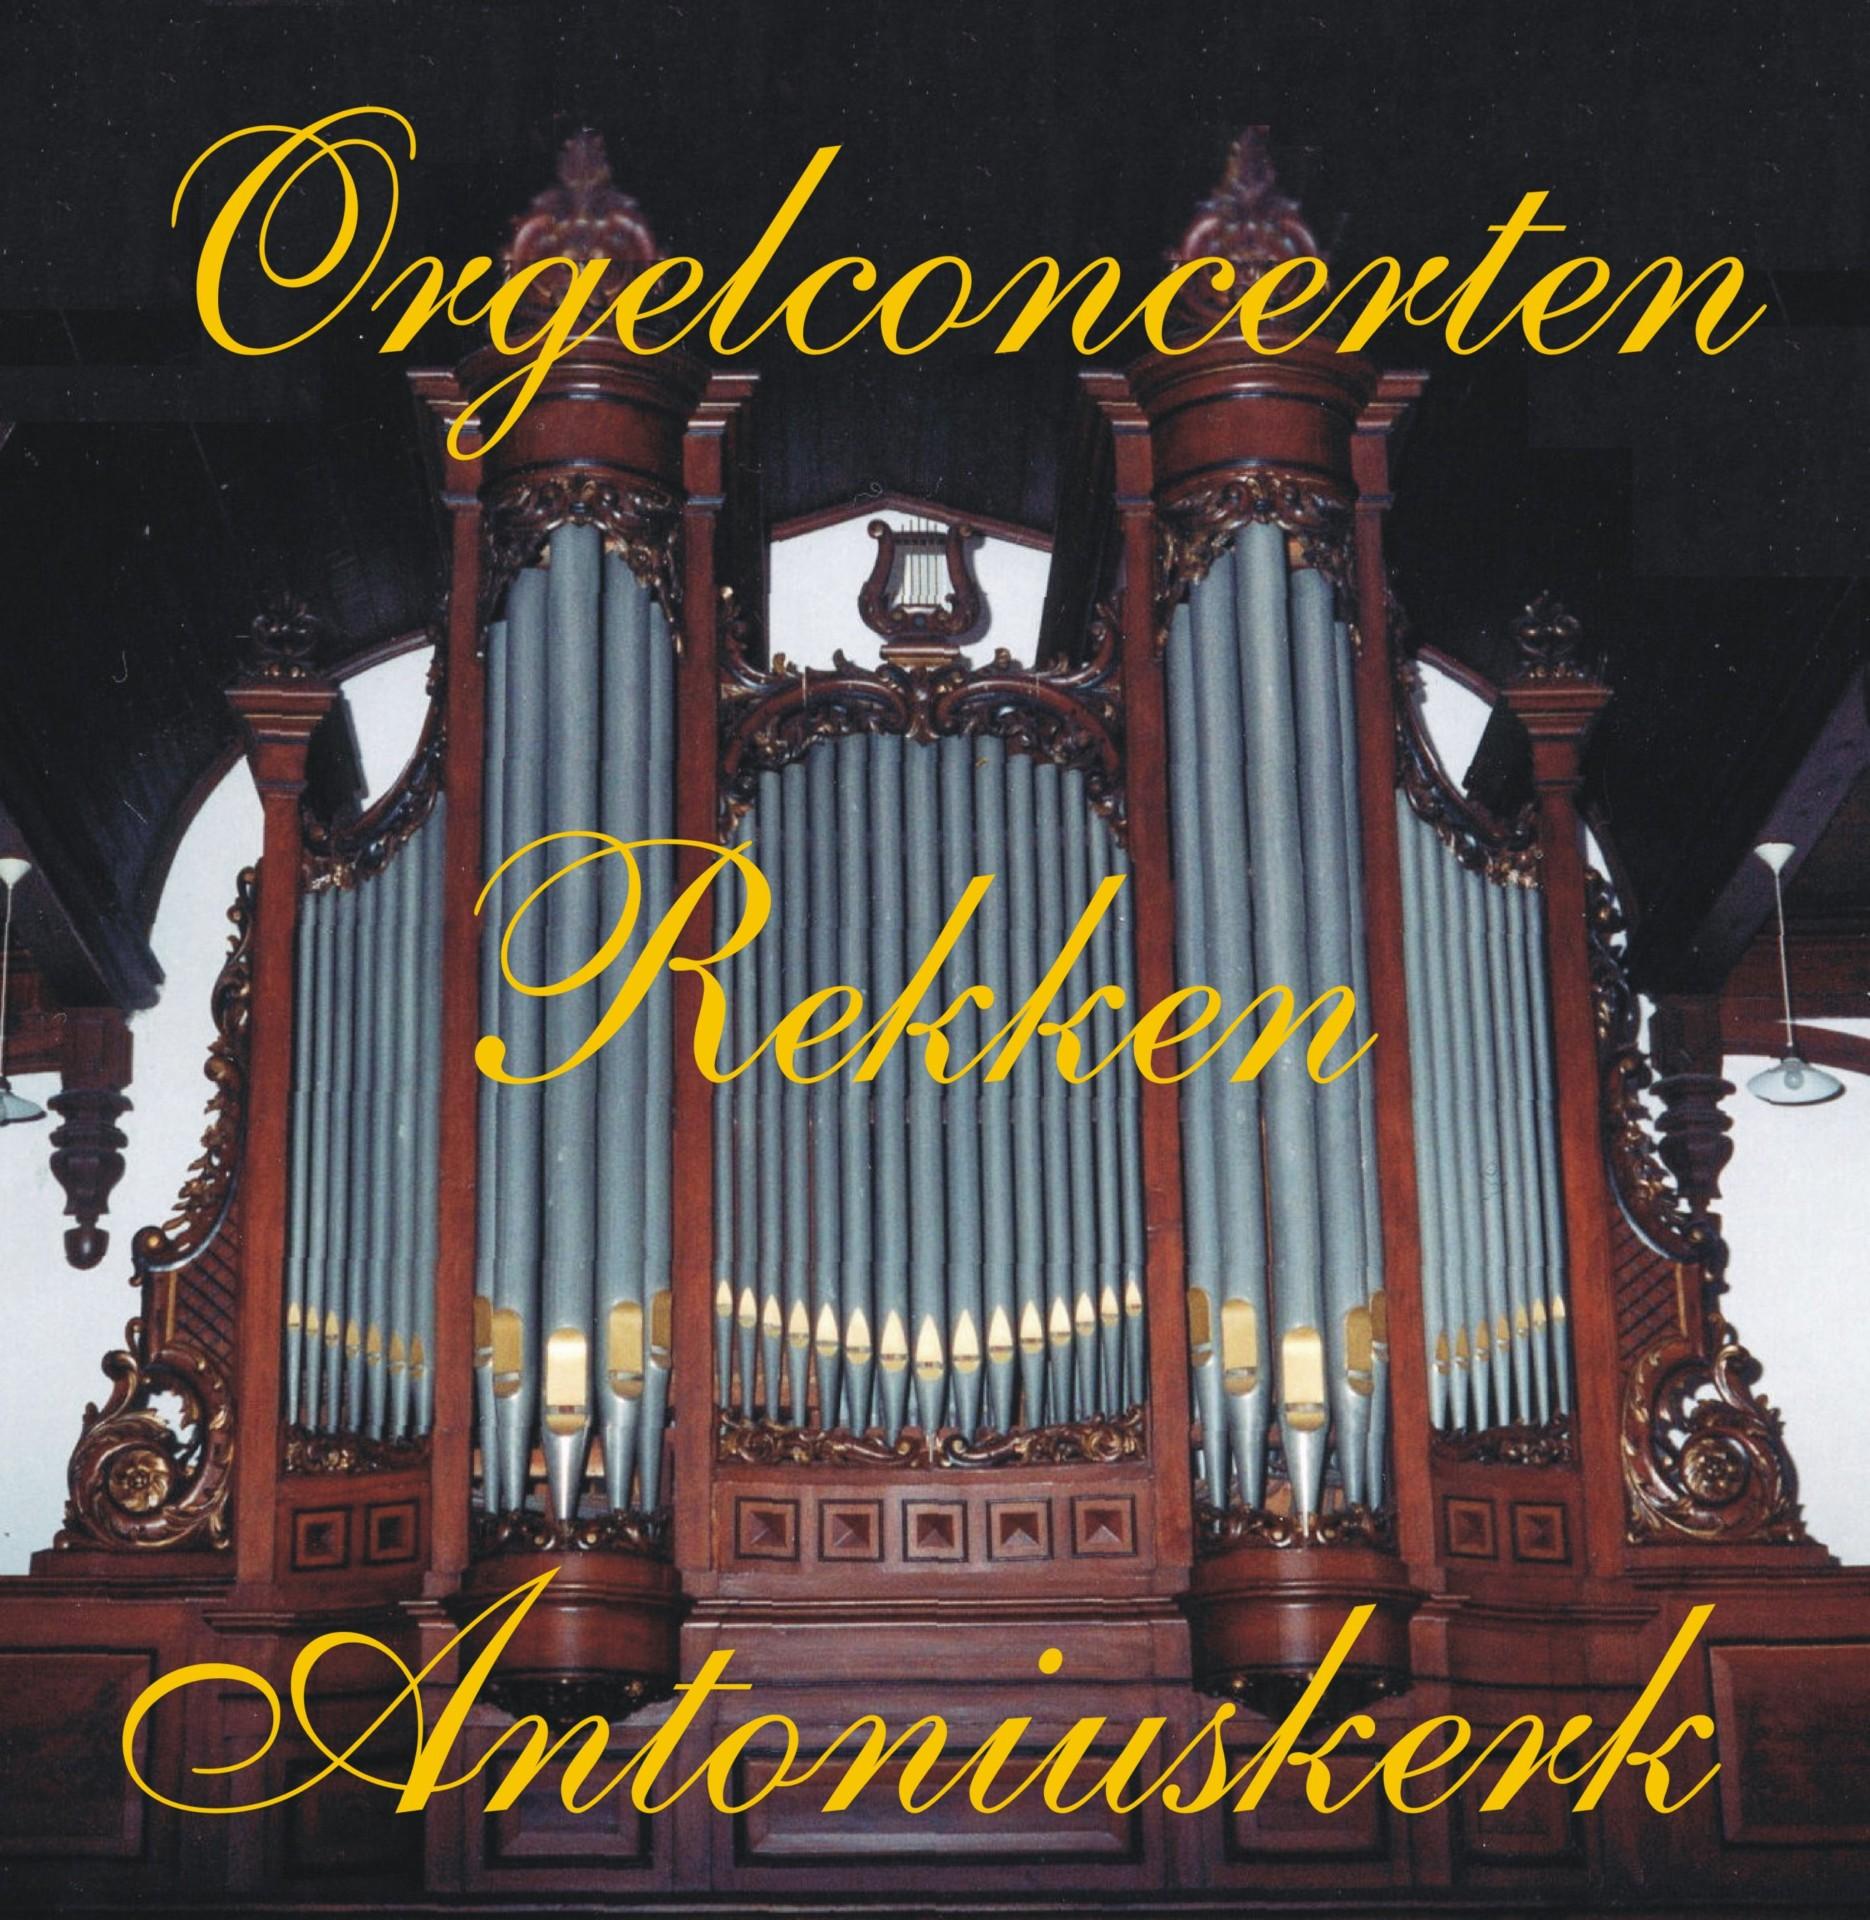 Orgelconcerten Rekken